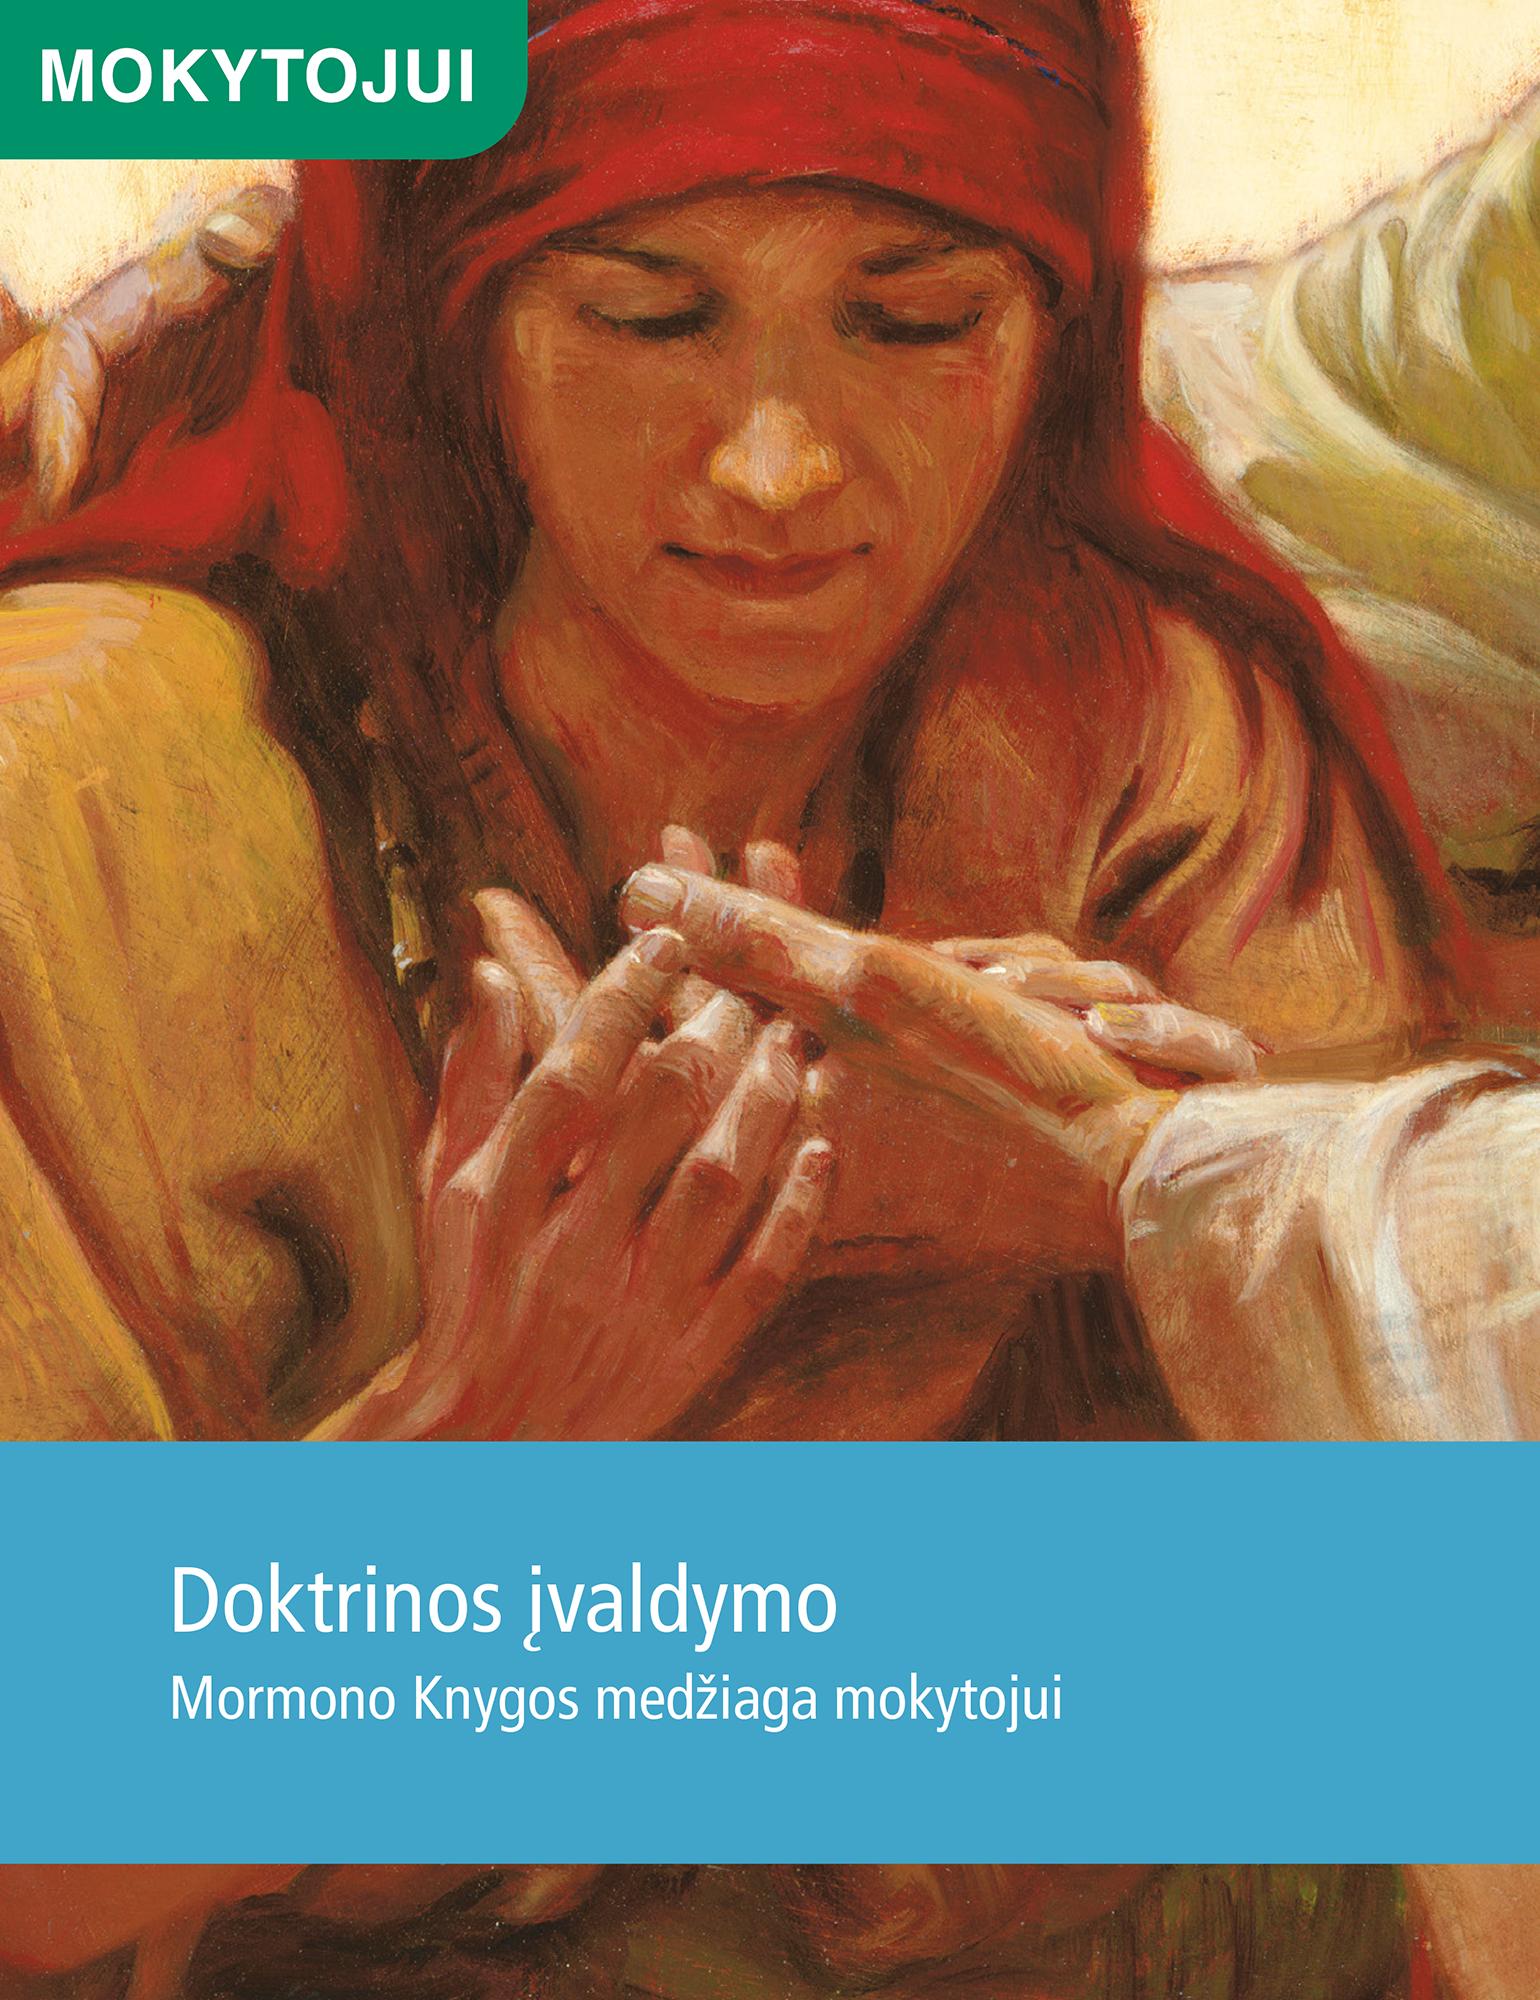 Doktrinos įvaldymo Mormono Knygos medžiaga mokytojui